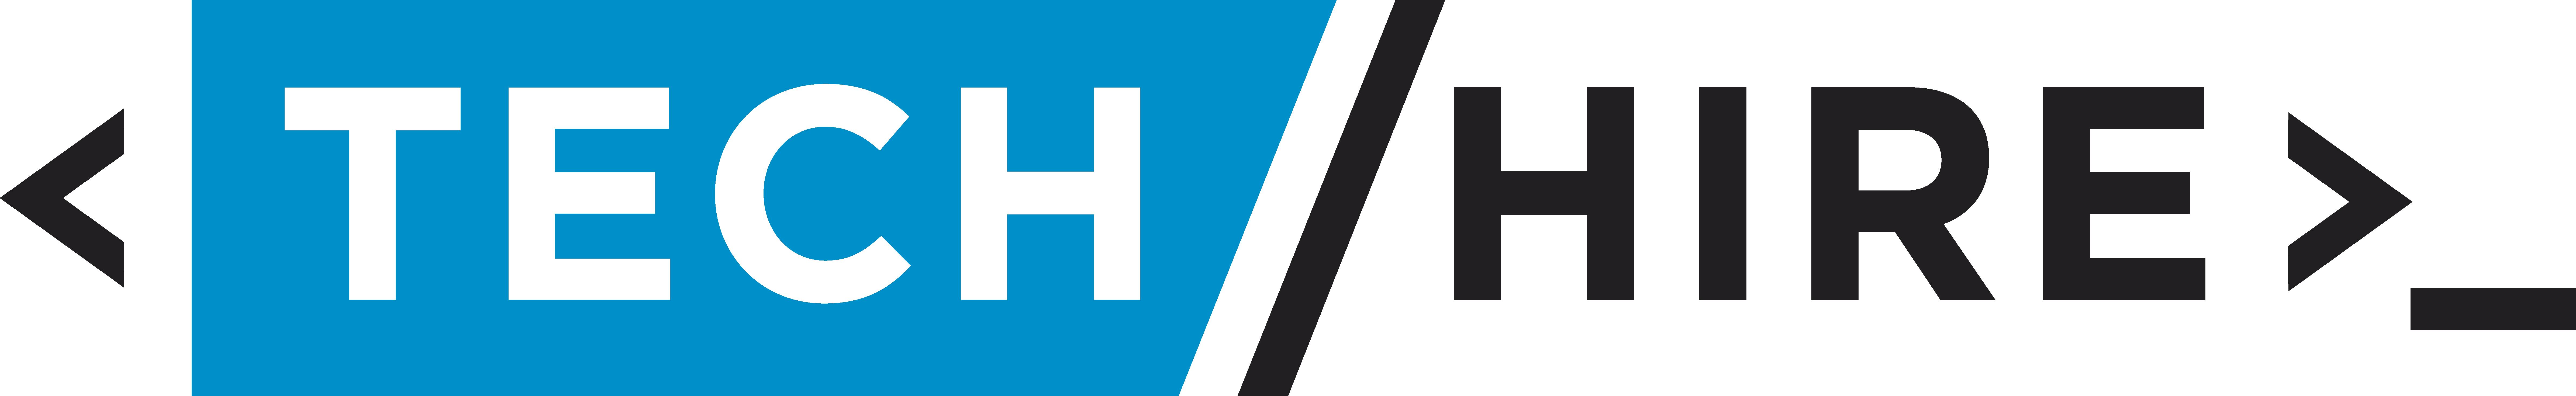 TechHire